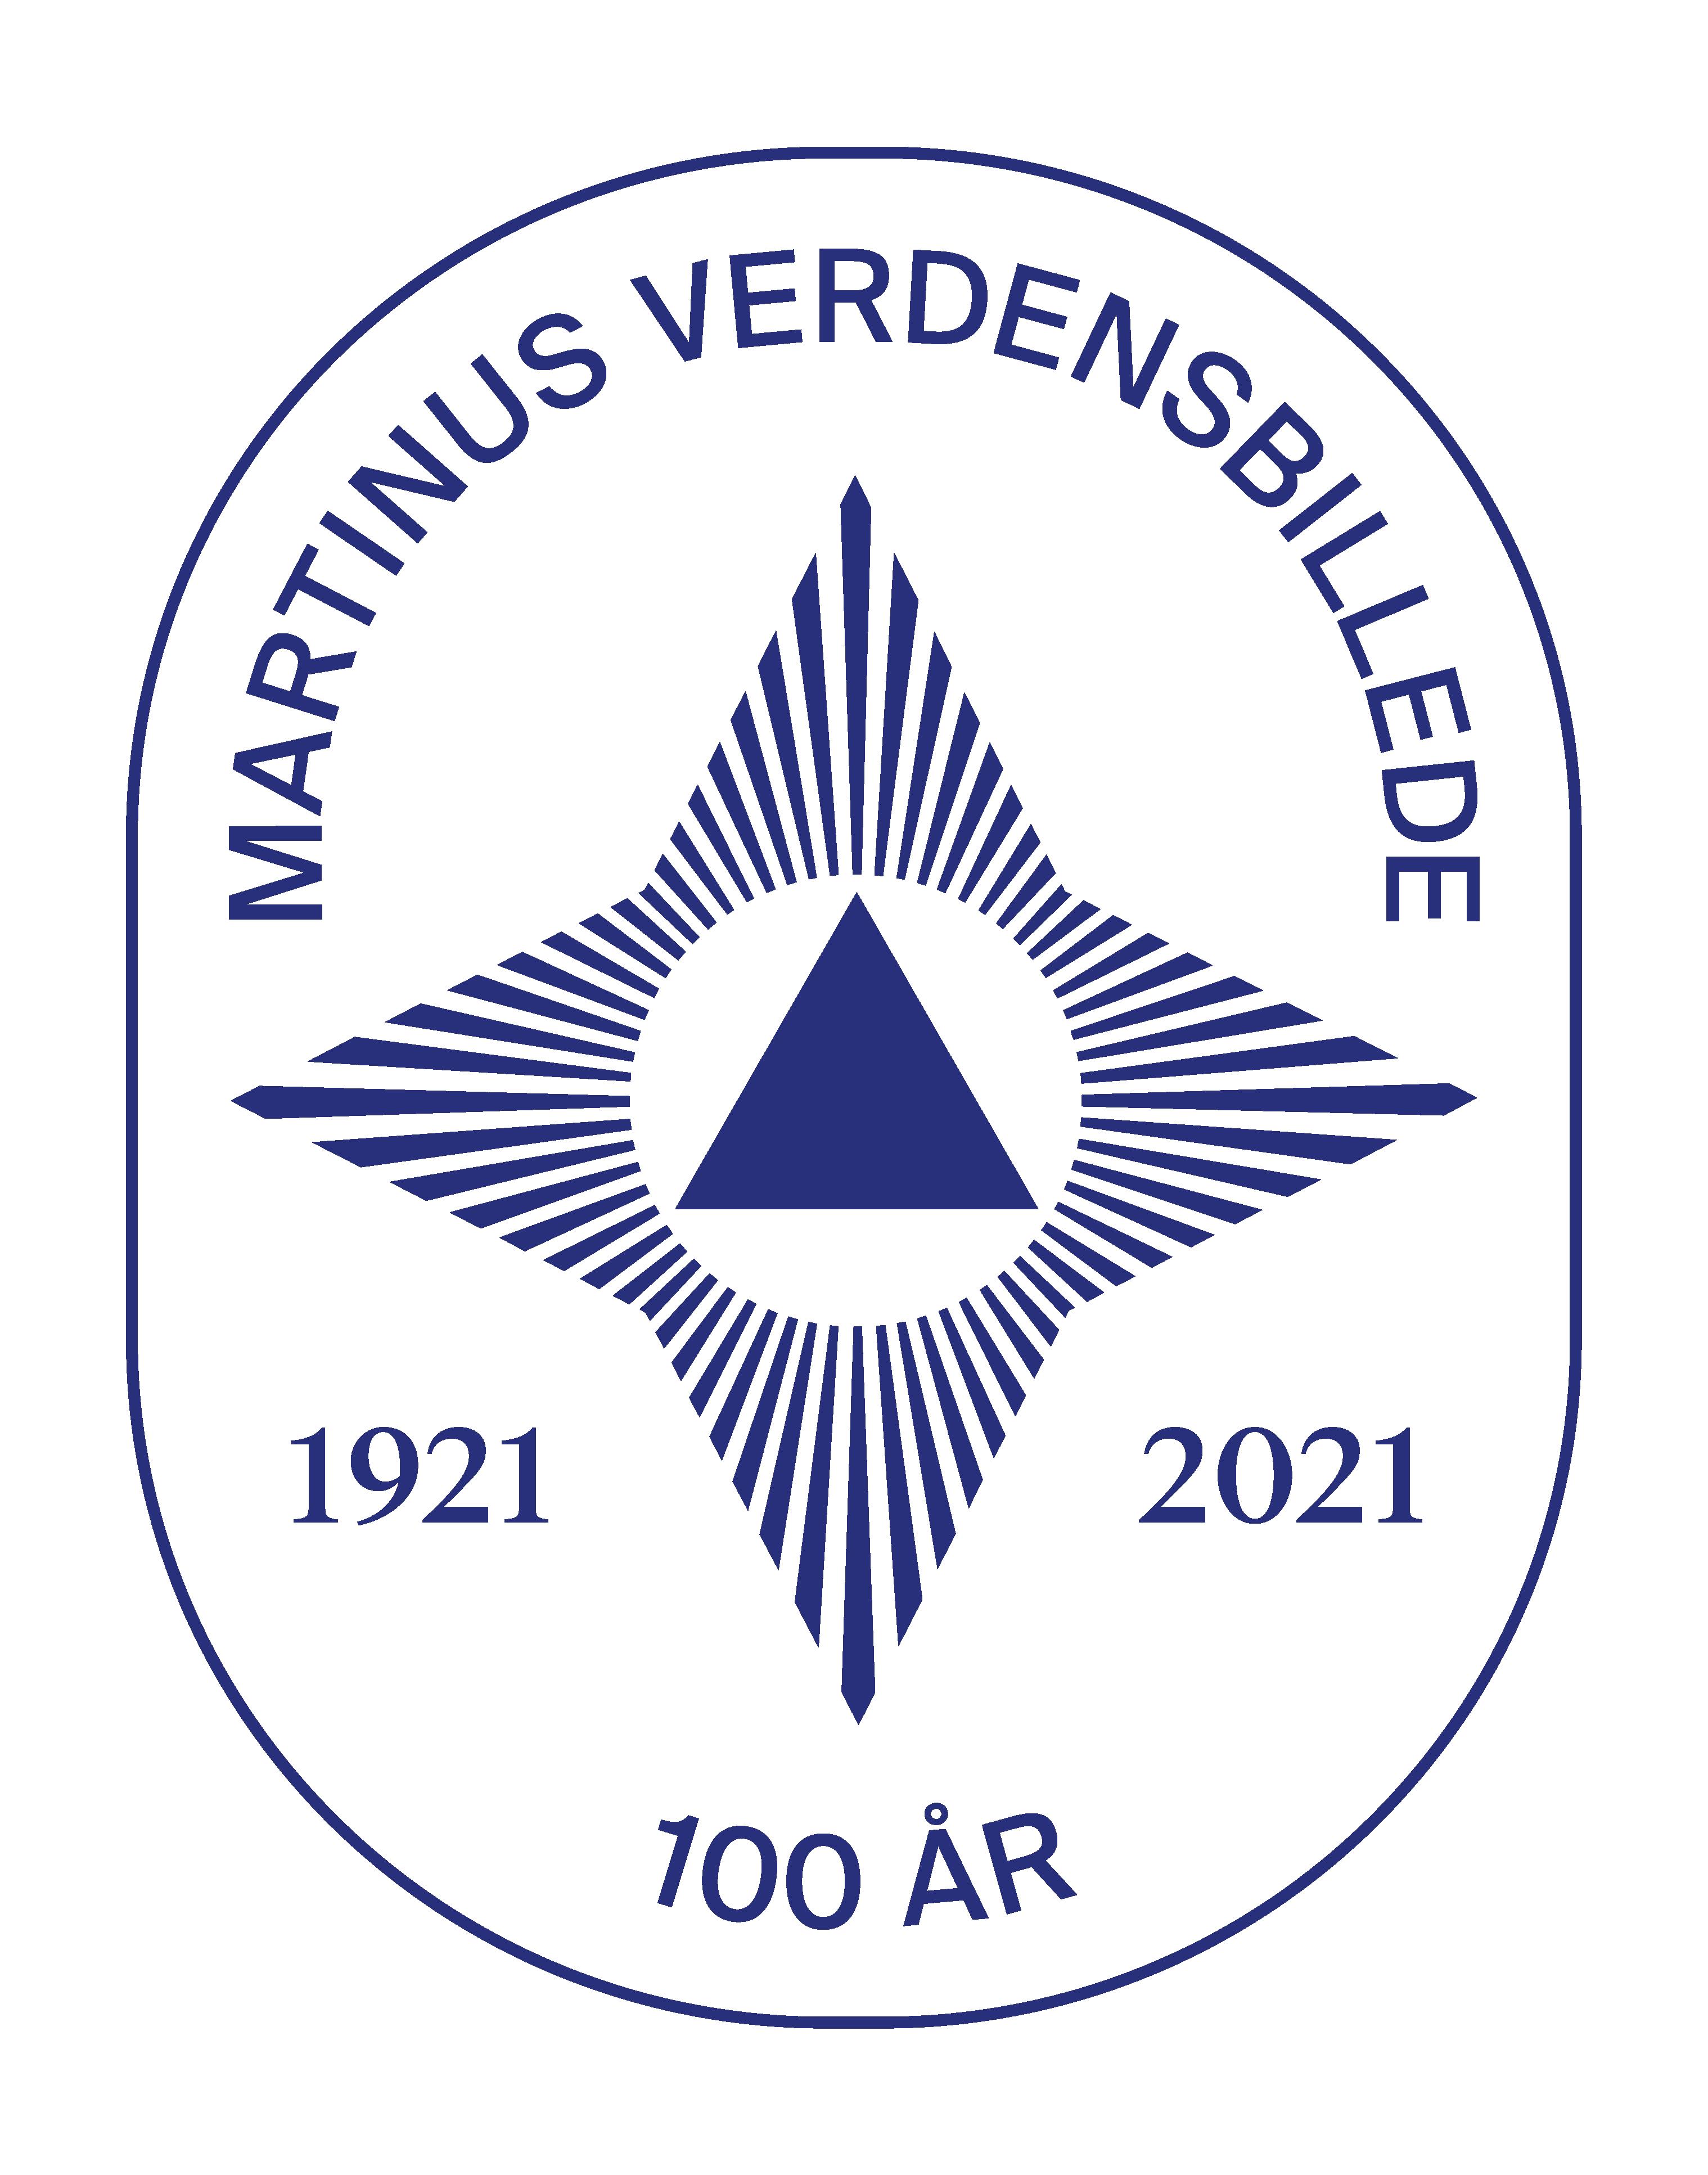 Martinus verdensbillede 100 år